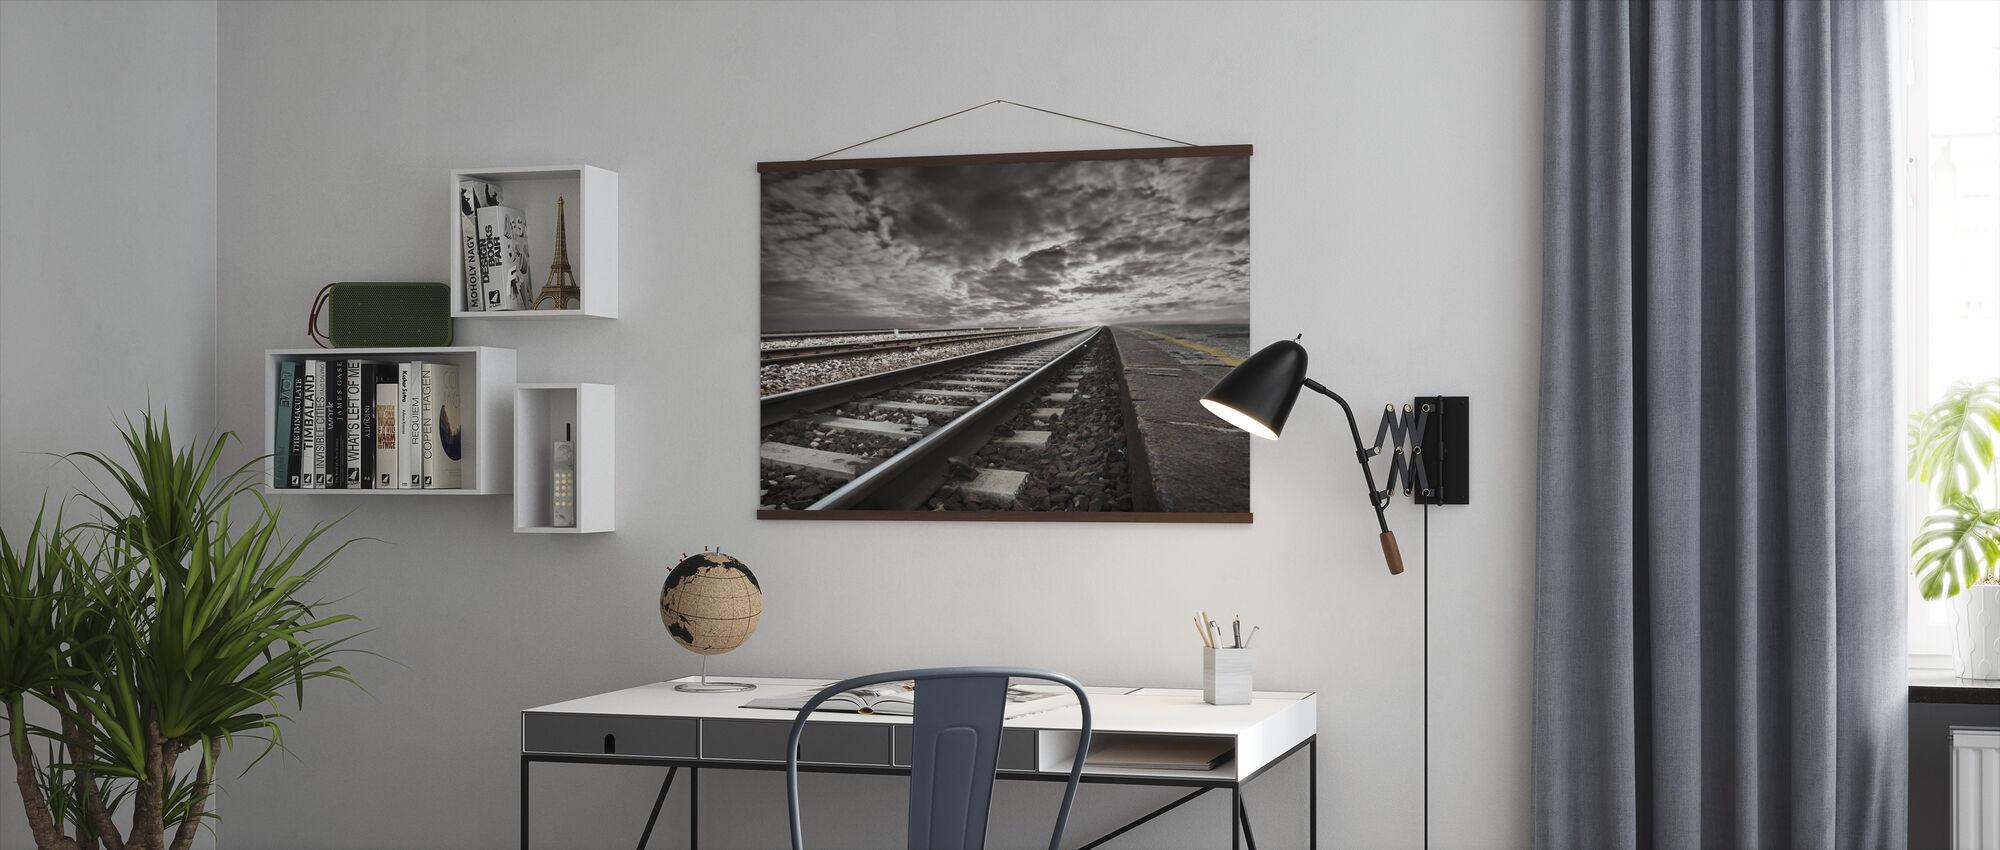 Lege spoorwegen - Poster - Kantoor